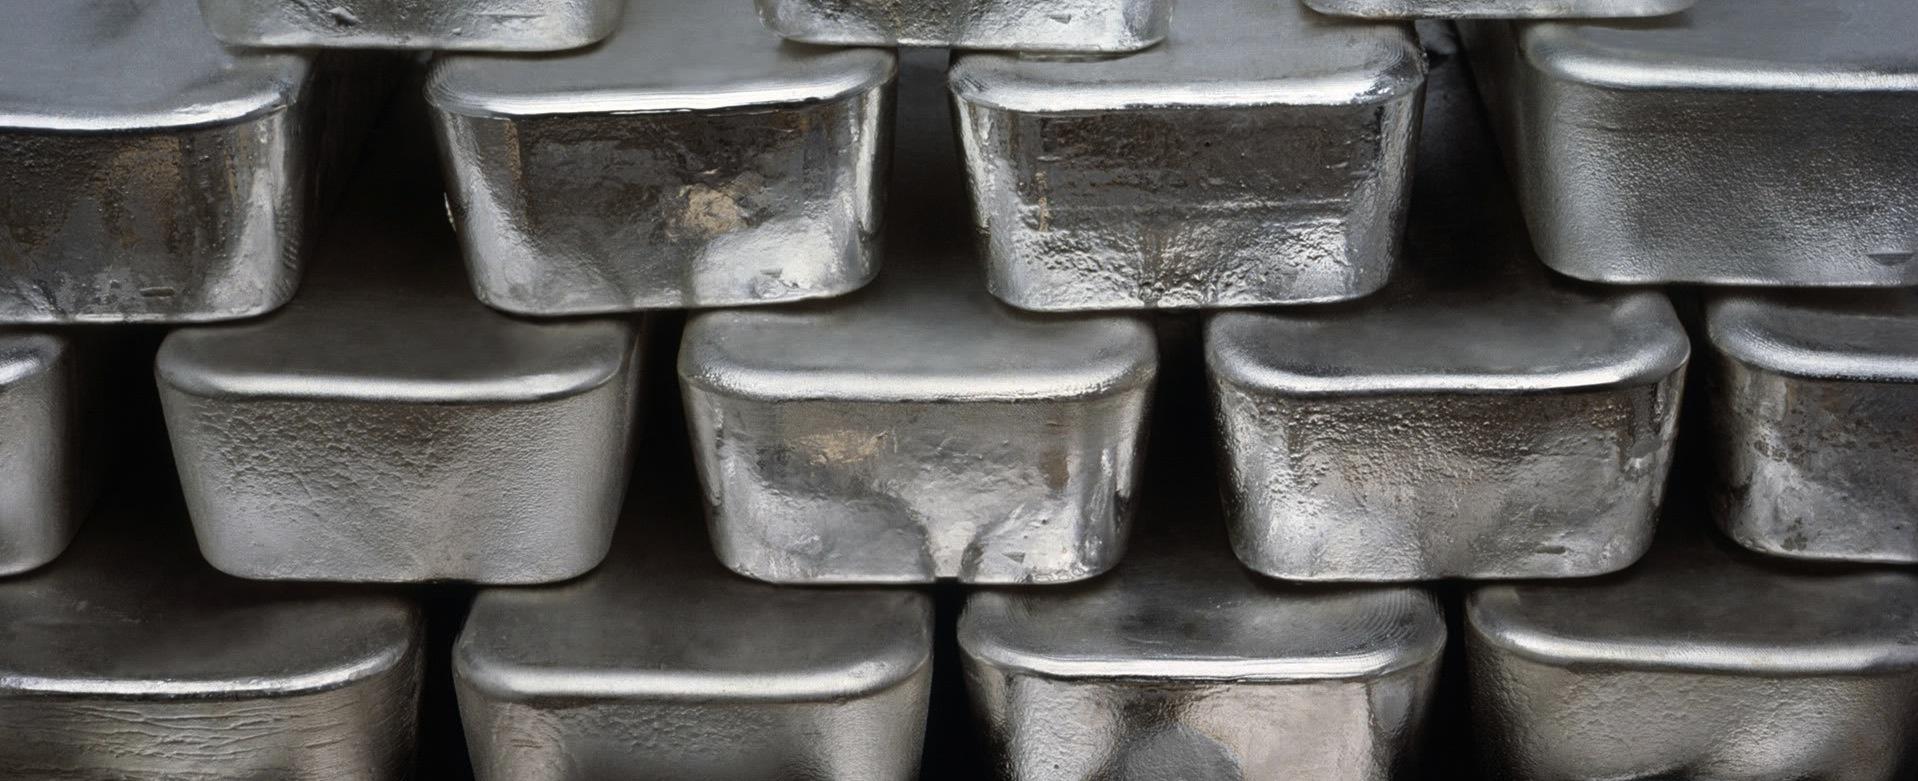 Серебро в слитках является драгоценным металлом